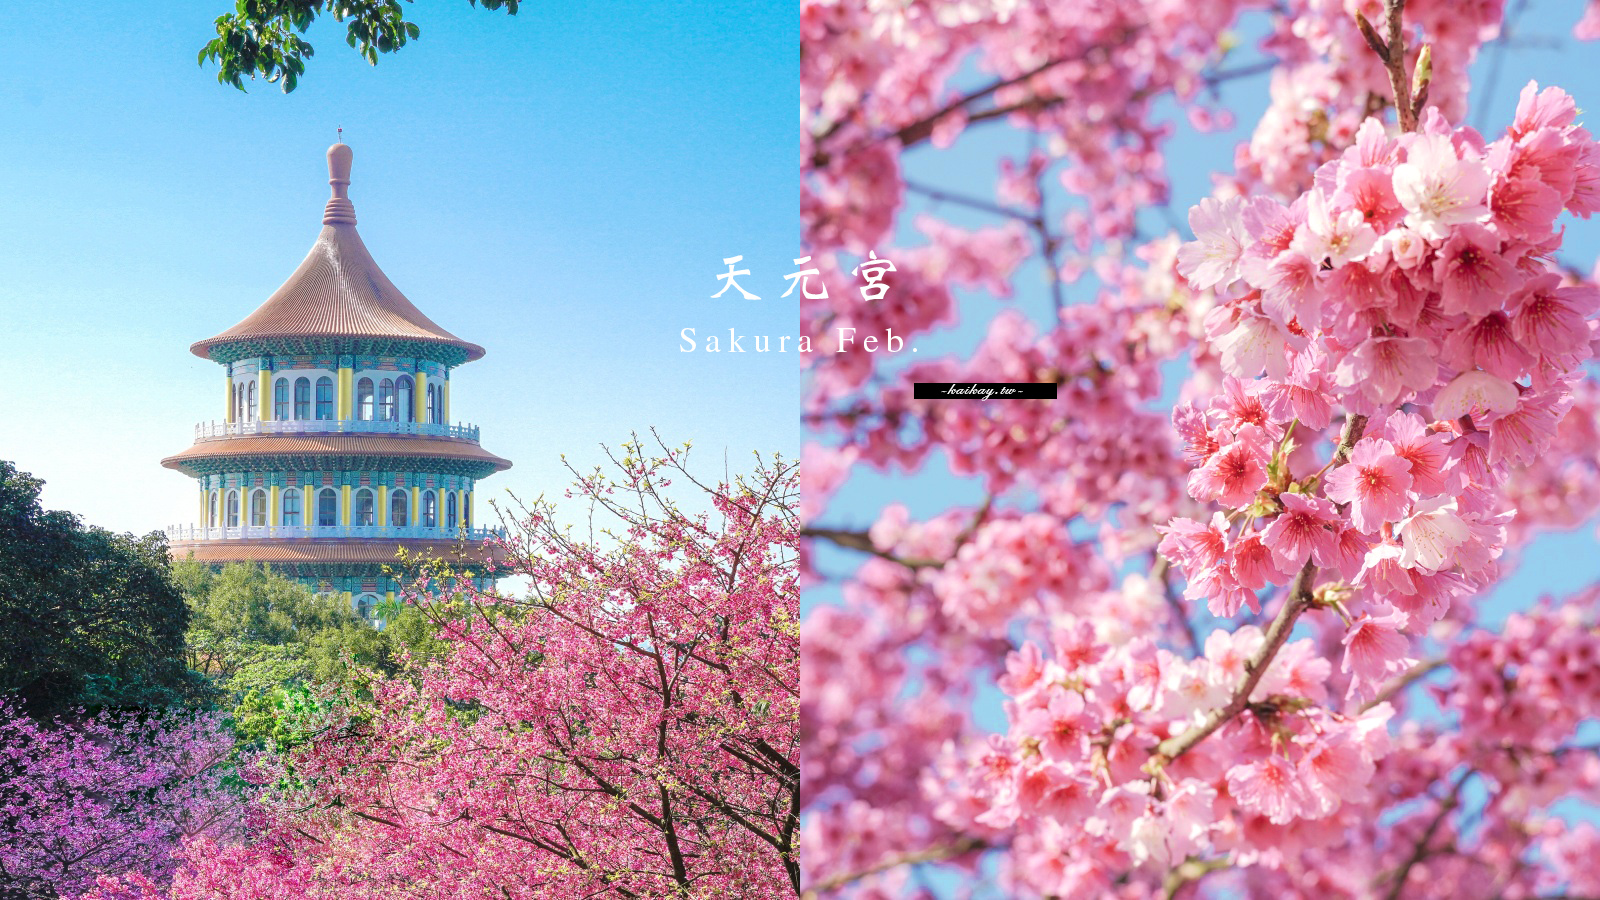 閱讀文章:☆【新北|淡水】2021最新花況!天元宮三色櫻、吉野櫻接力盛放。捷運、公車、停車場資訊